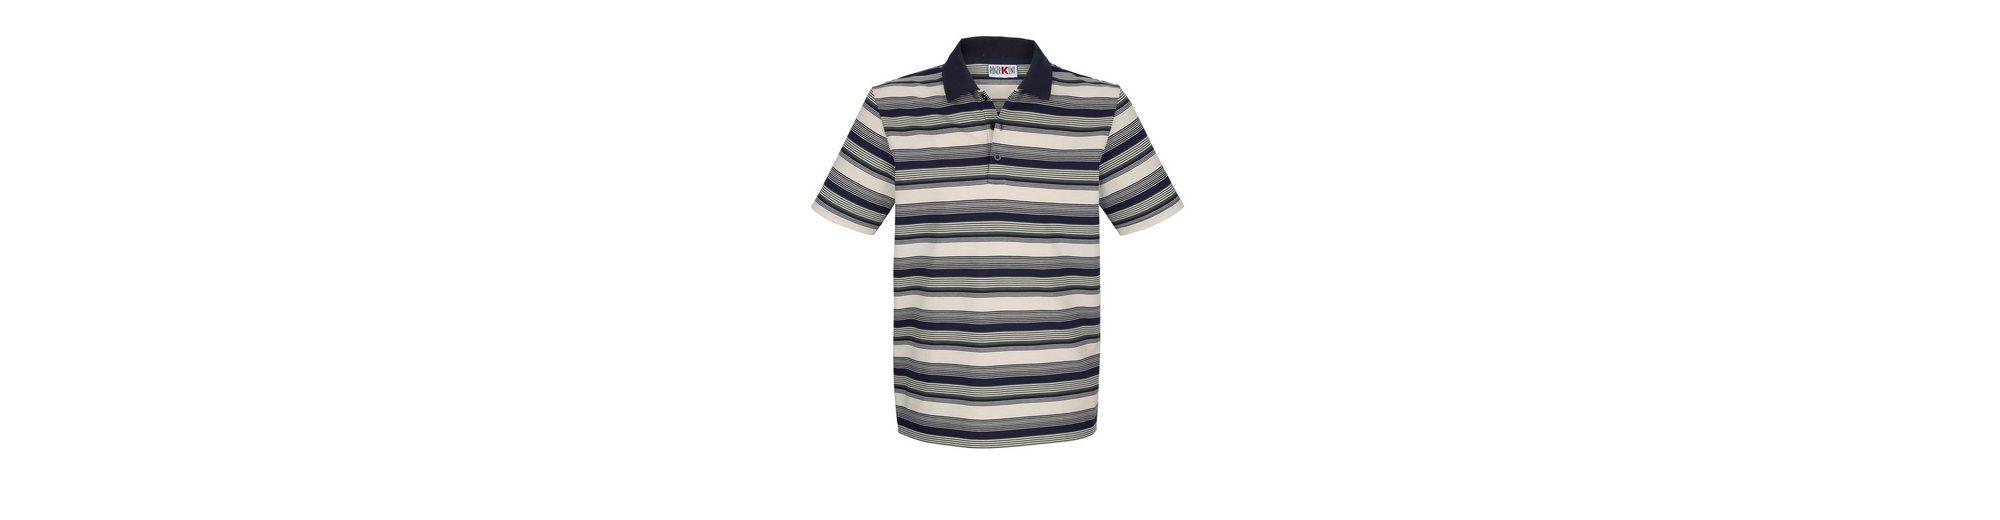 Roger Kent Poloshirt mit garngefärbtem Streifenmuster Günstig Kaufen Angebote CtE9O8uP